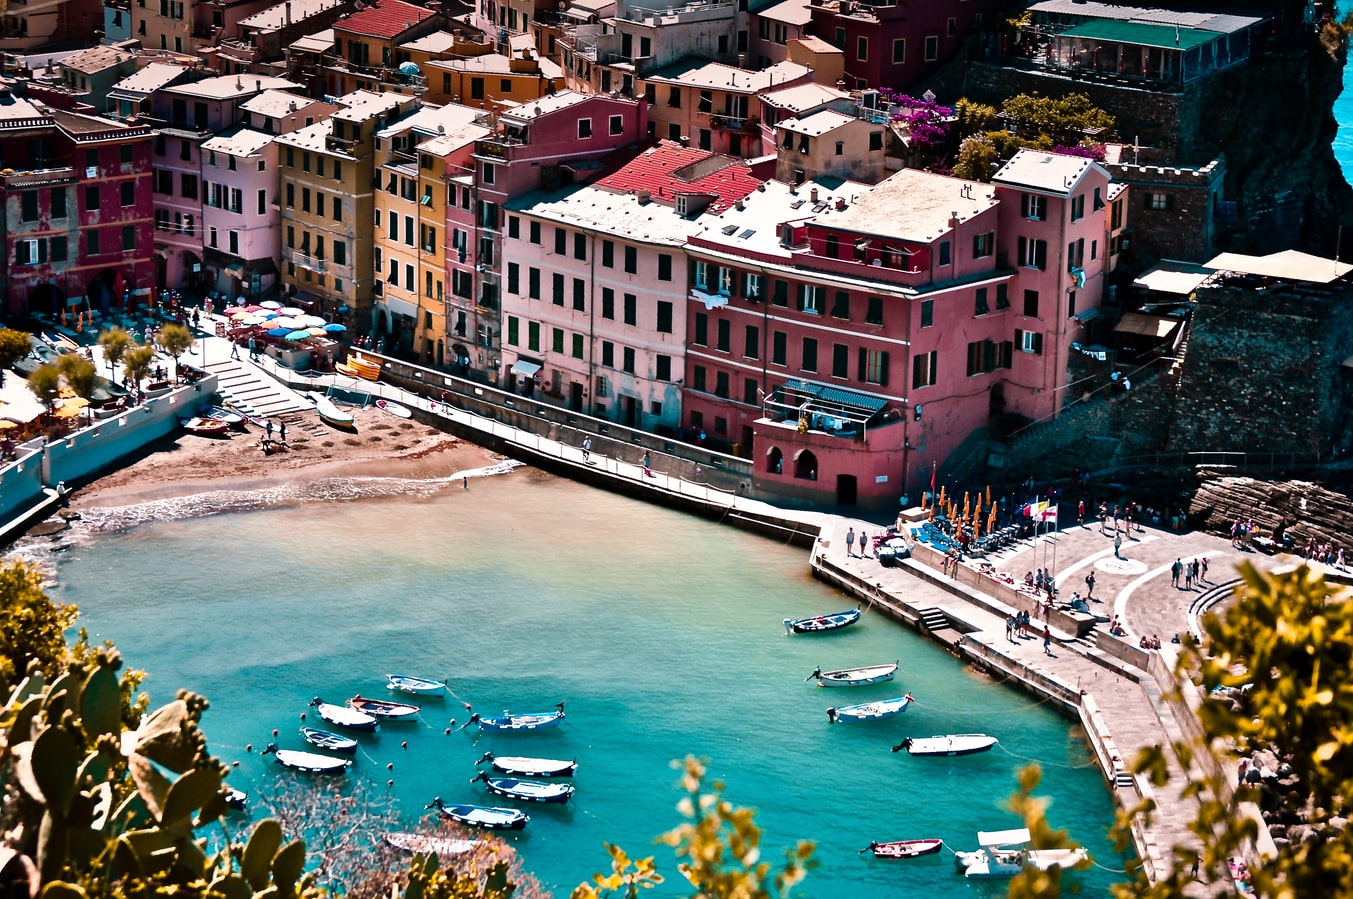 Cinque Terre - Où partir en vacances